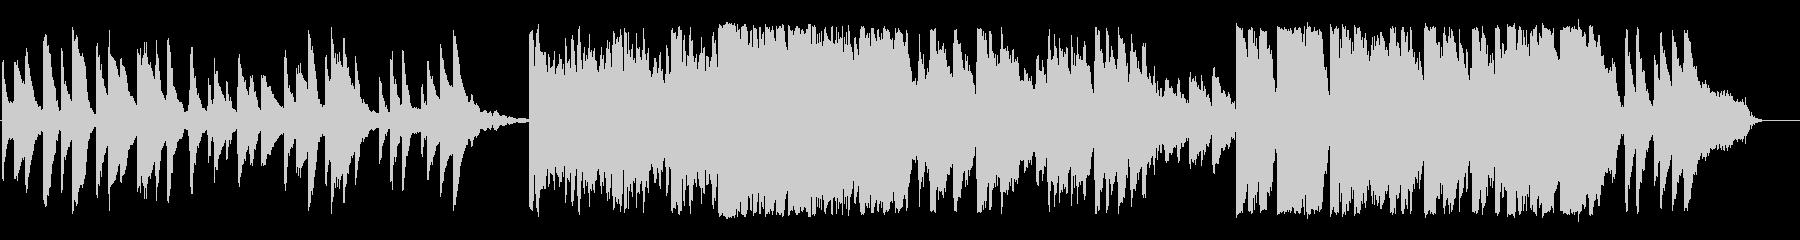 プリペアードピアノによる優しい曲の未再生の波形